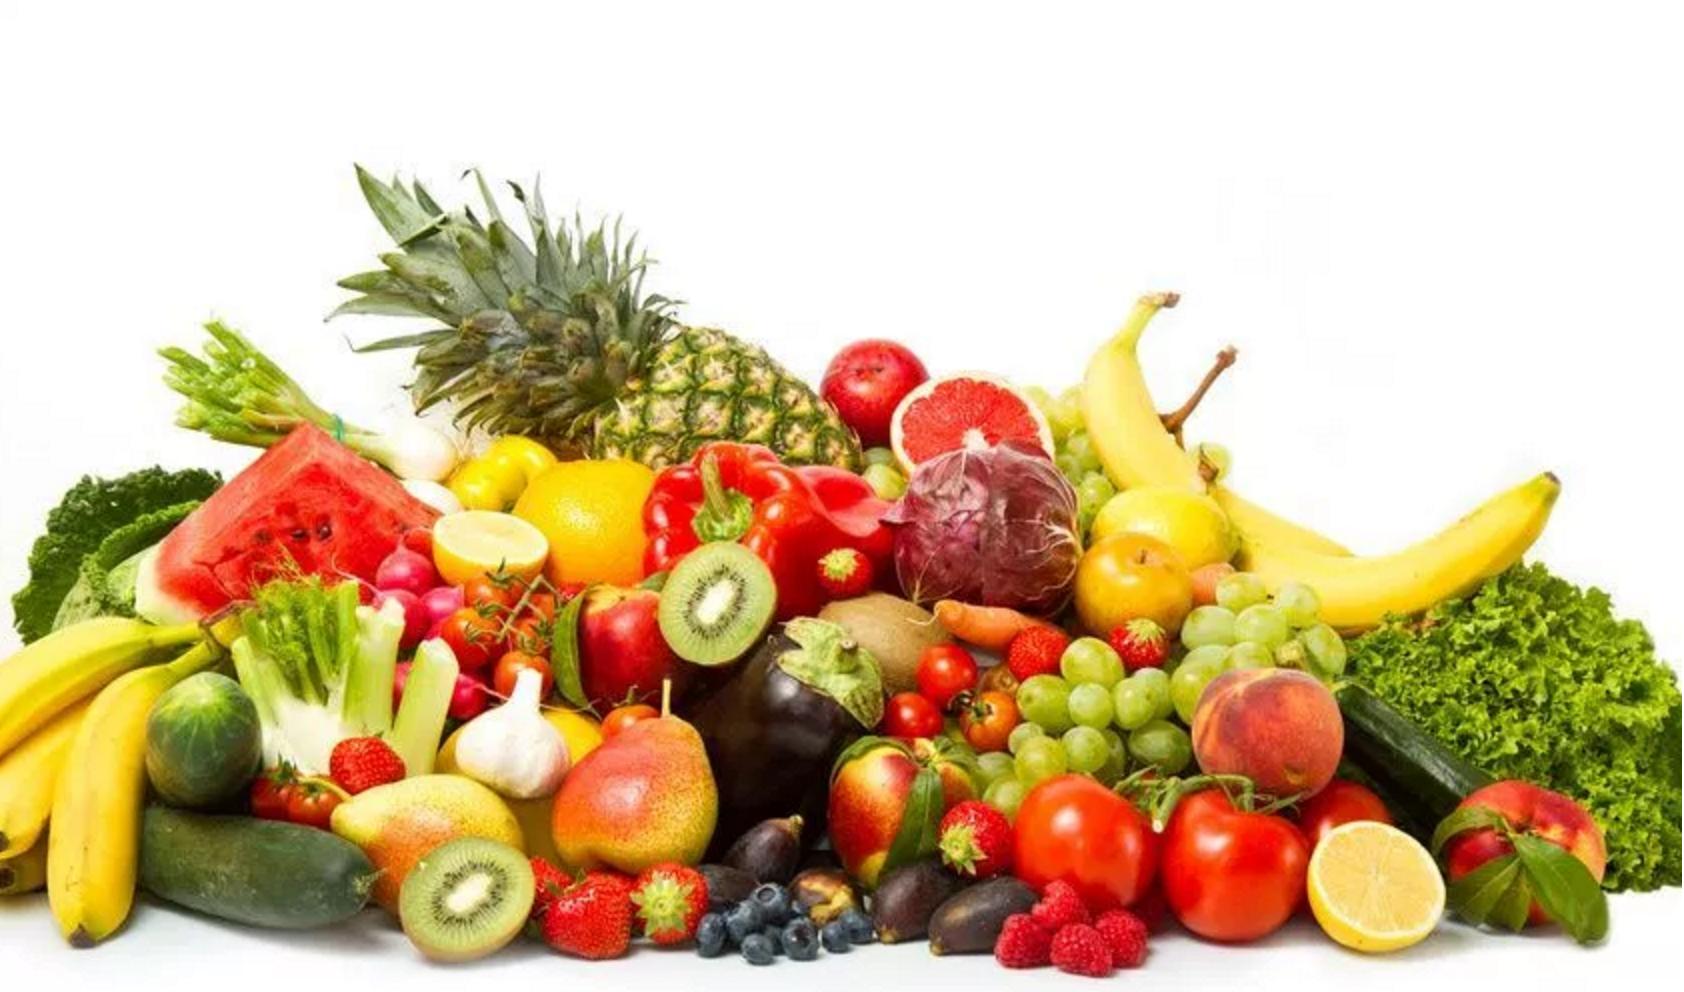 めっちゃぜいたくフルーツ青汁 効果 ダイエット 成分